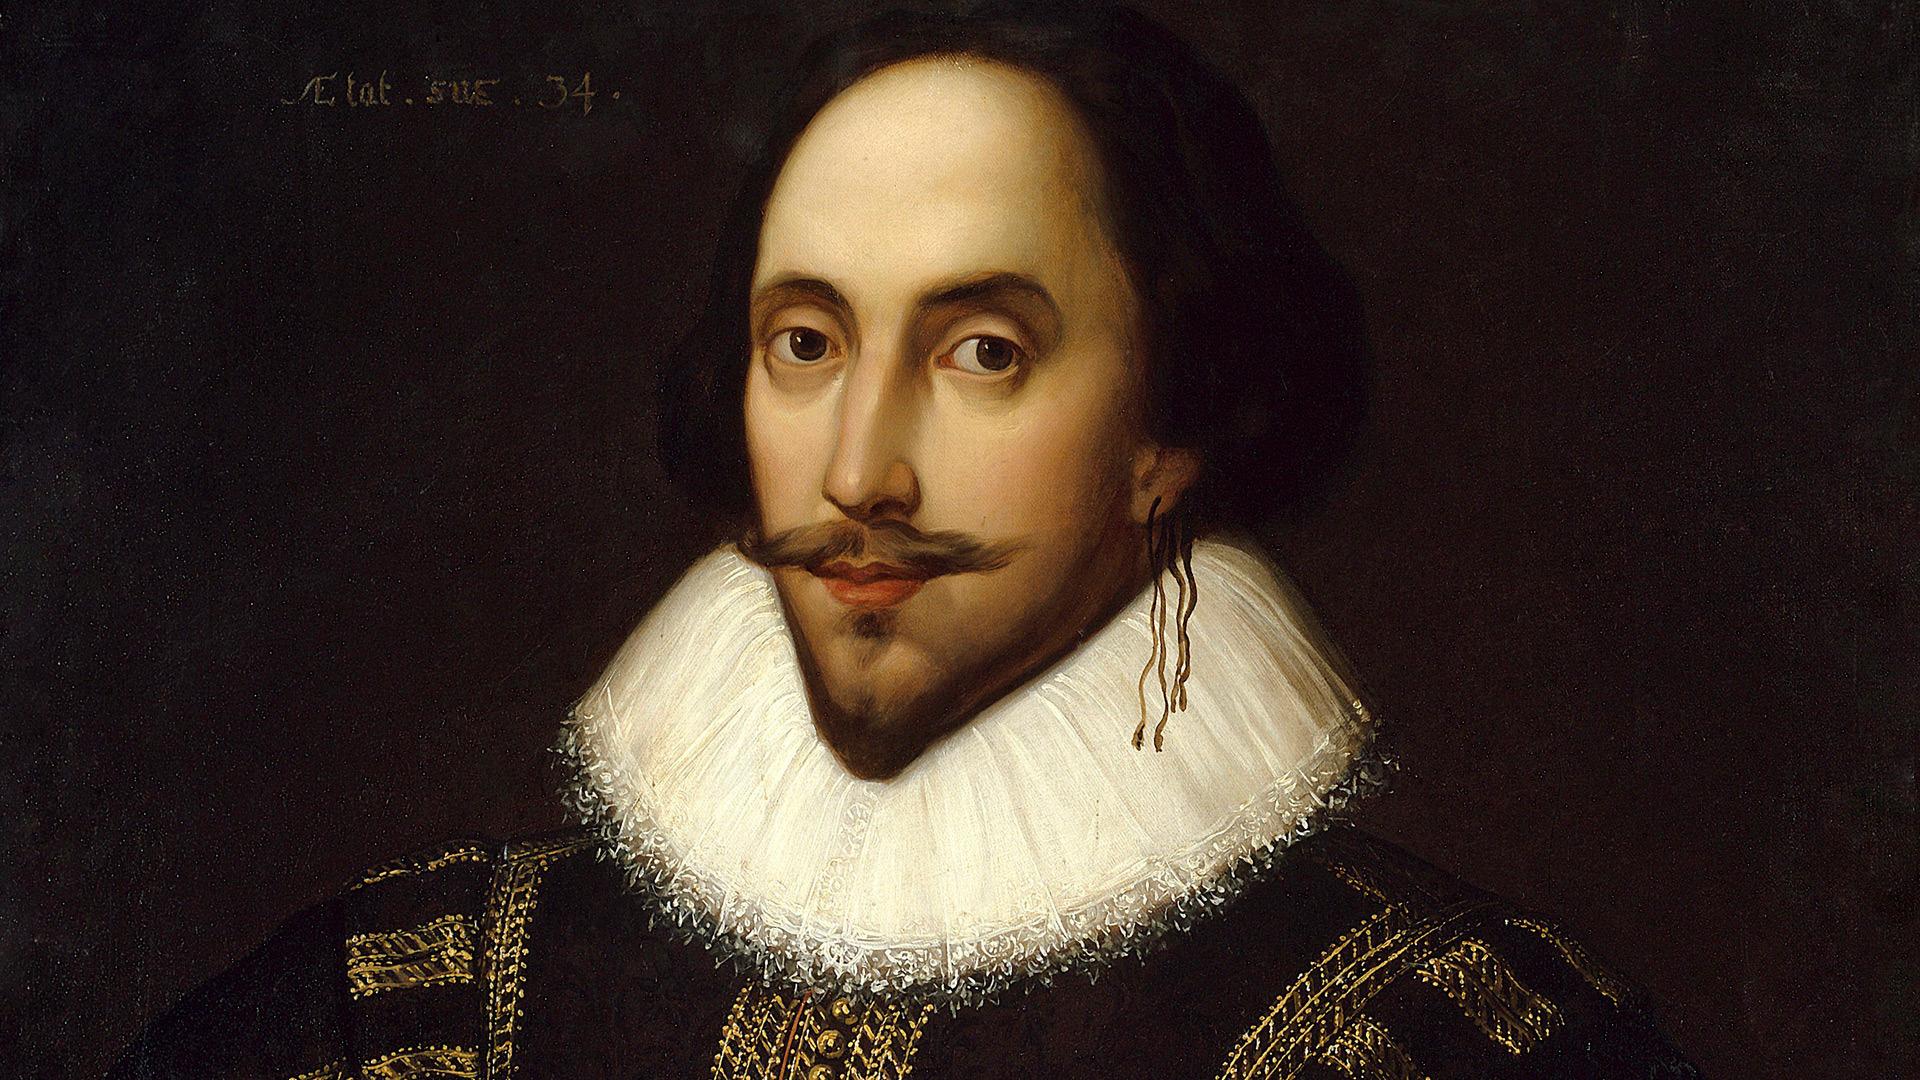 Shakespeare esrar kullanmış olabilir